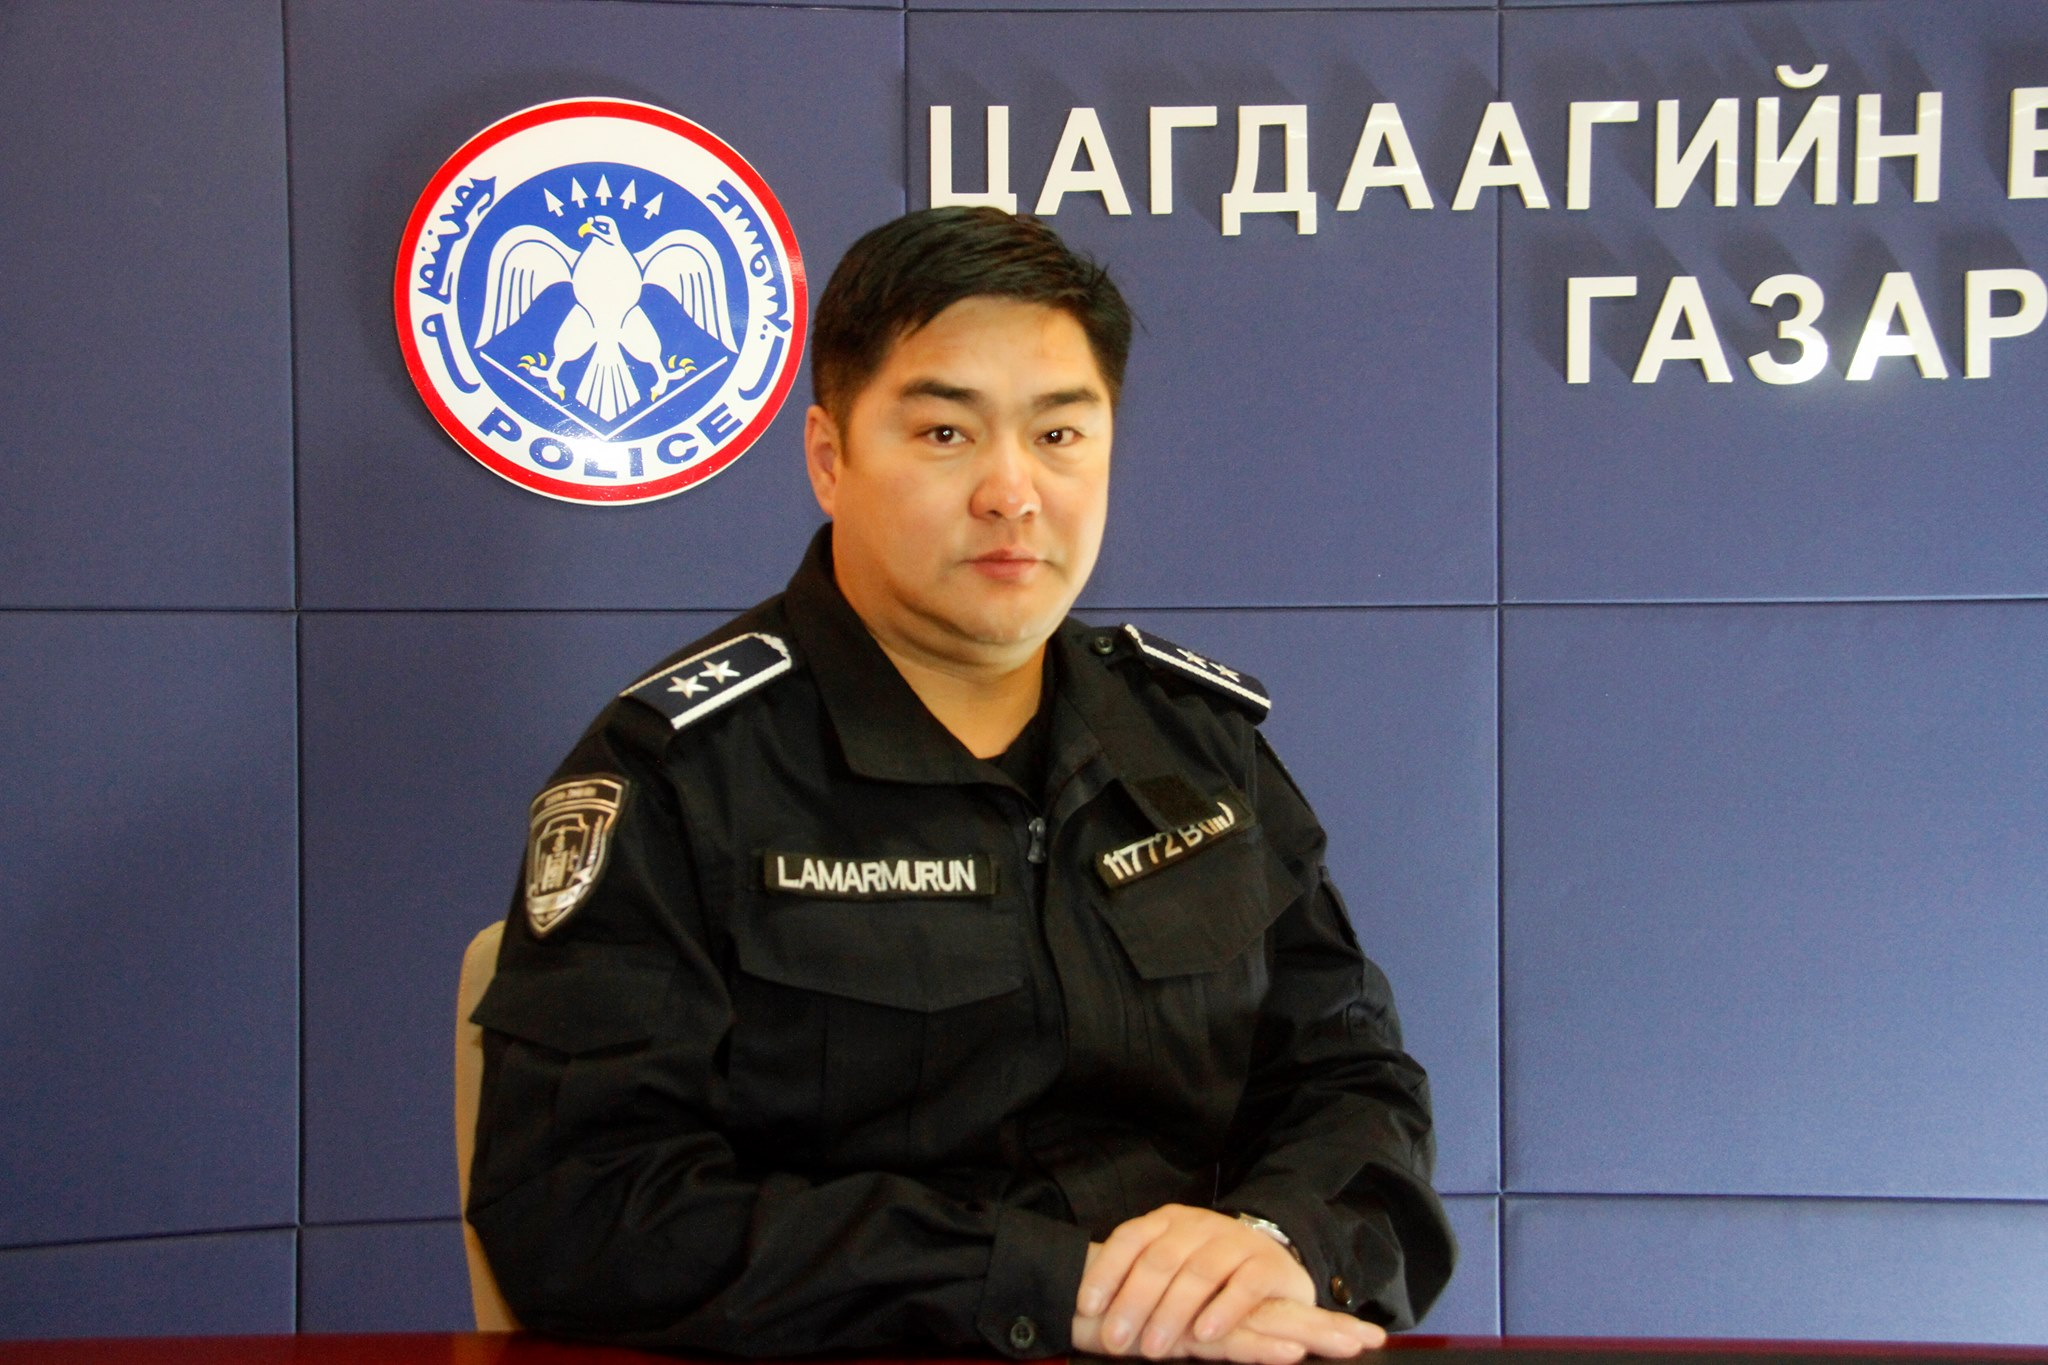 Л.Амармөрөн: Цагдаагийн эргүүл гэр хороолол руу чиглэн үүрэг гүйцэтгэж байна